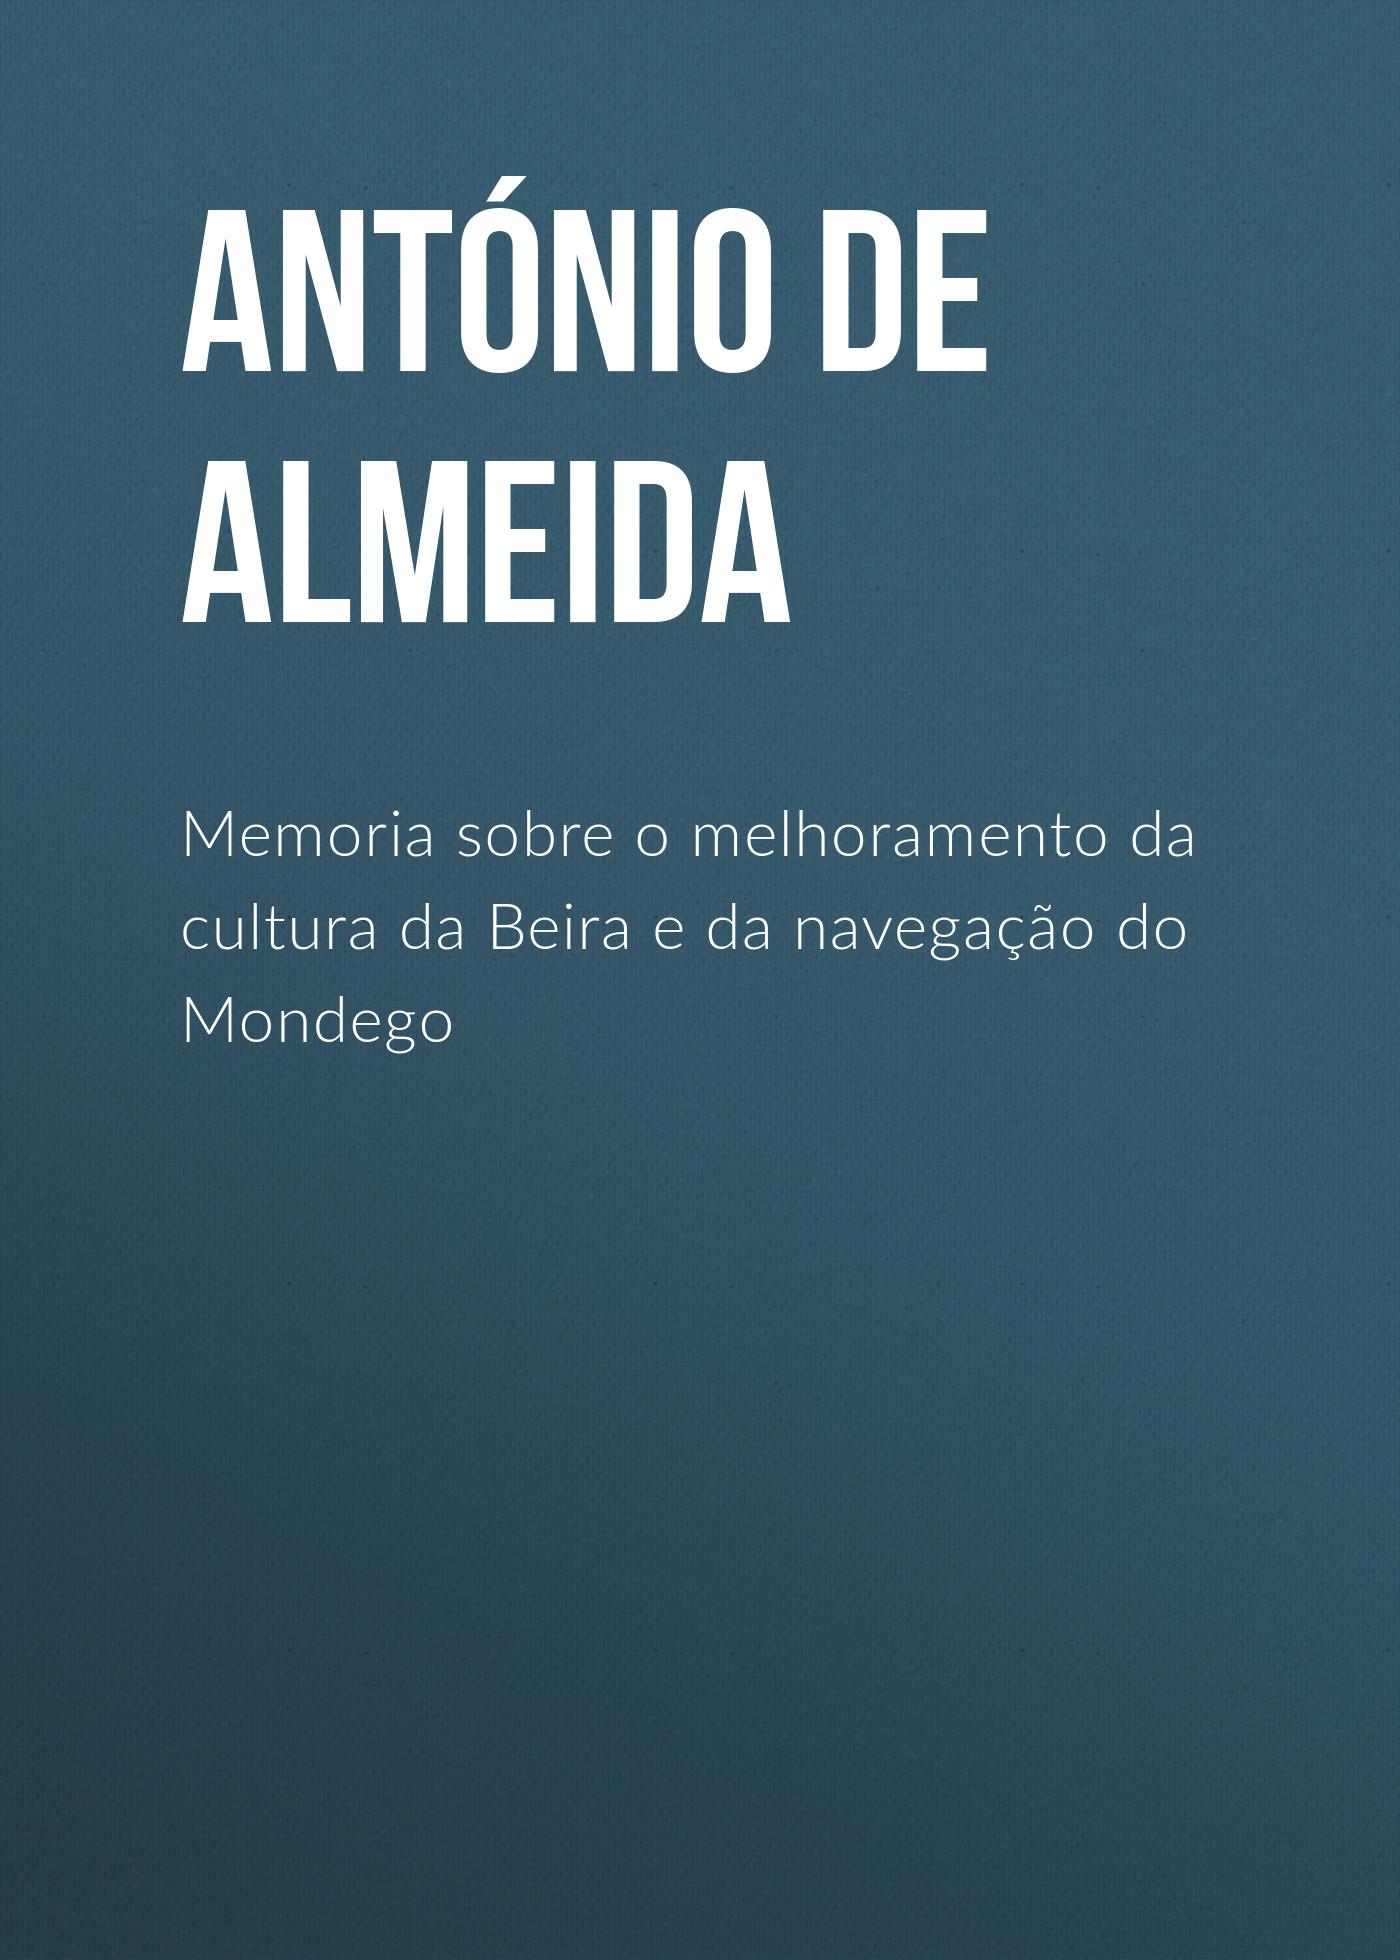 António de Almeida Memoria sobre o melhoramento da cultura da Beira e da navegação do Mondego чехол силиконовый для samsung galaxy j5 2016 sm j510f ds прозрачный